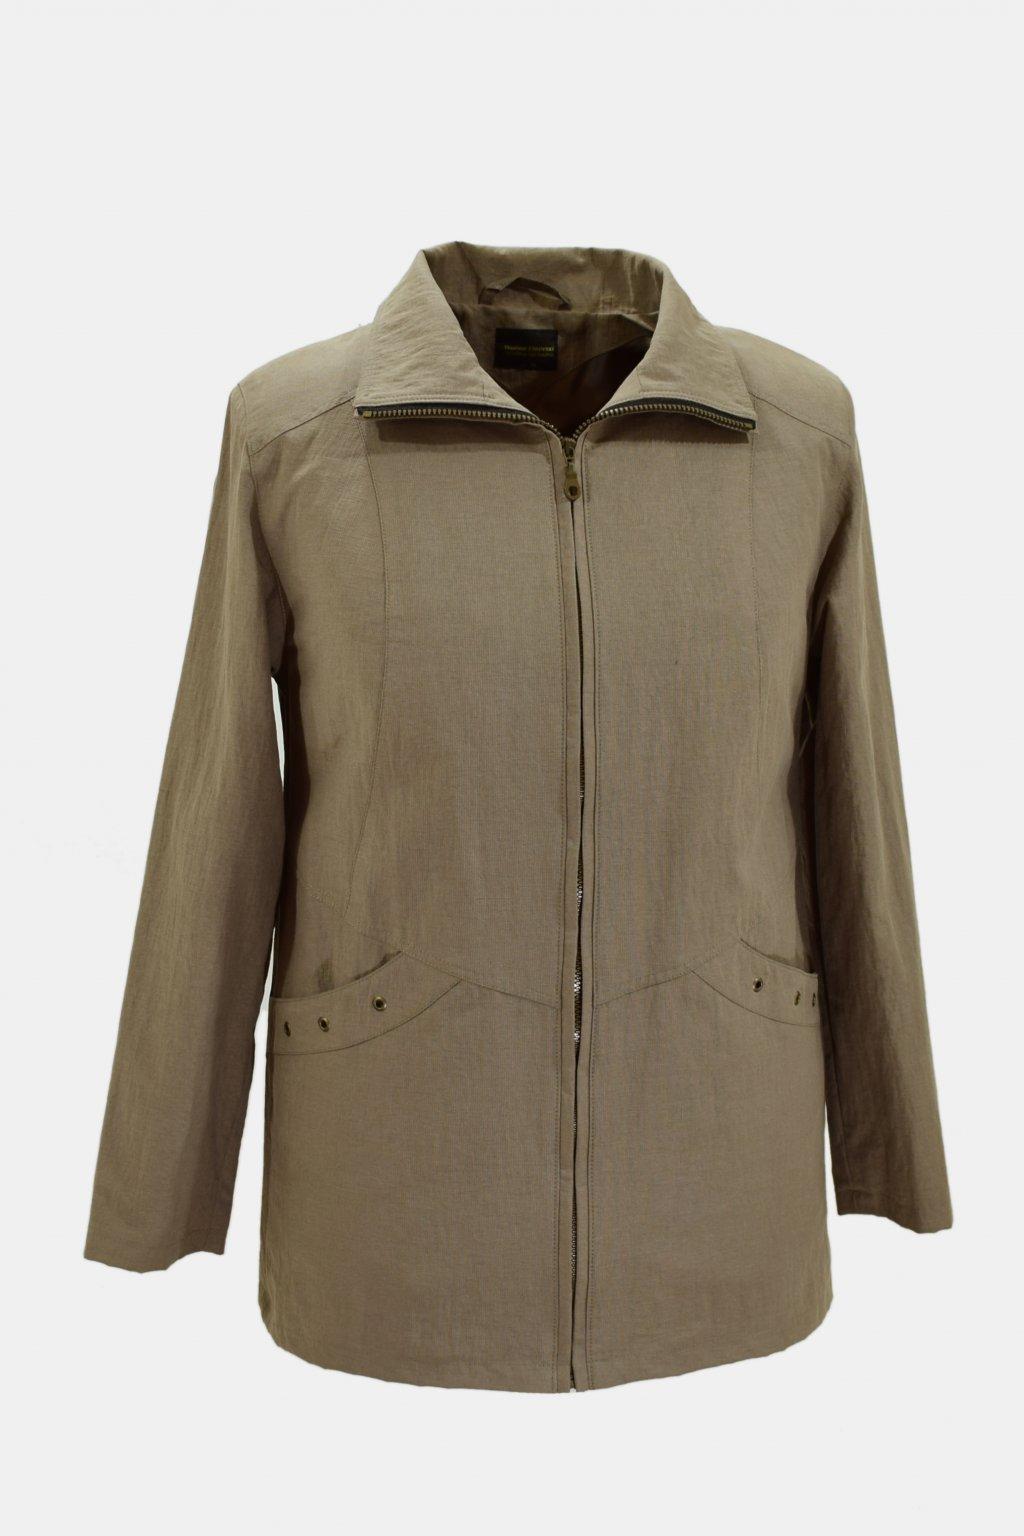 Dámská oříšková jarní bunda Aranka nadměrné velikosti.